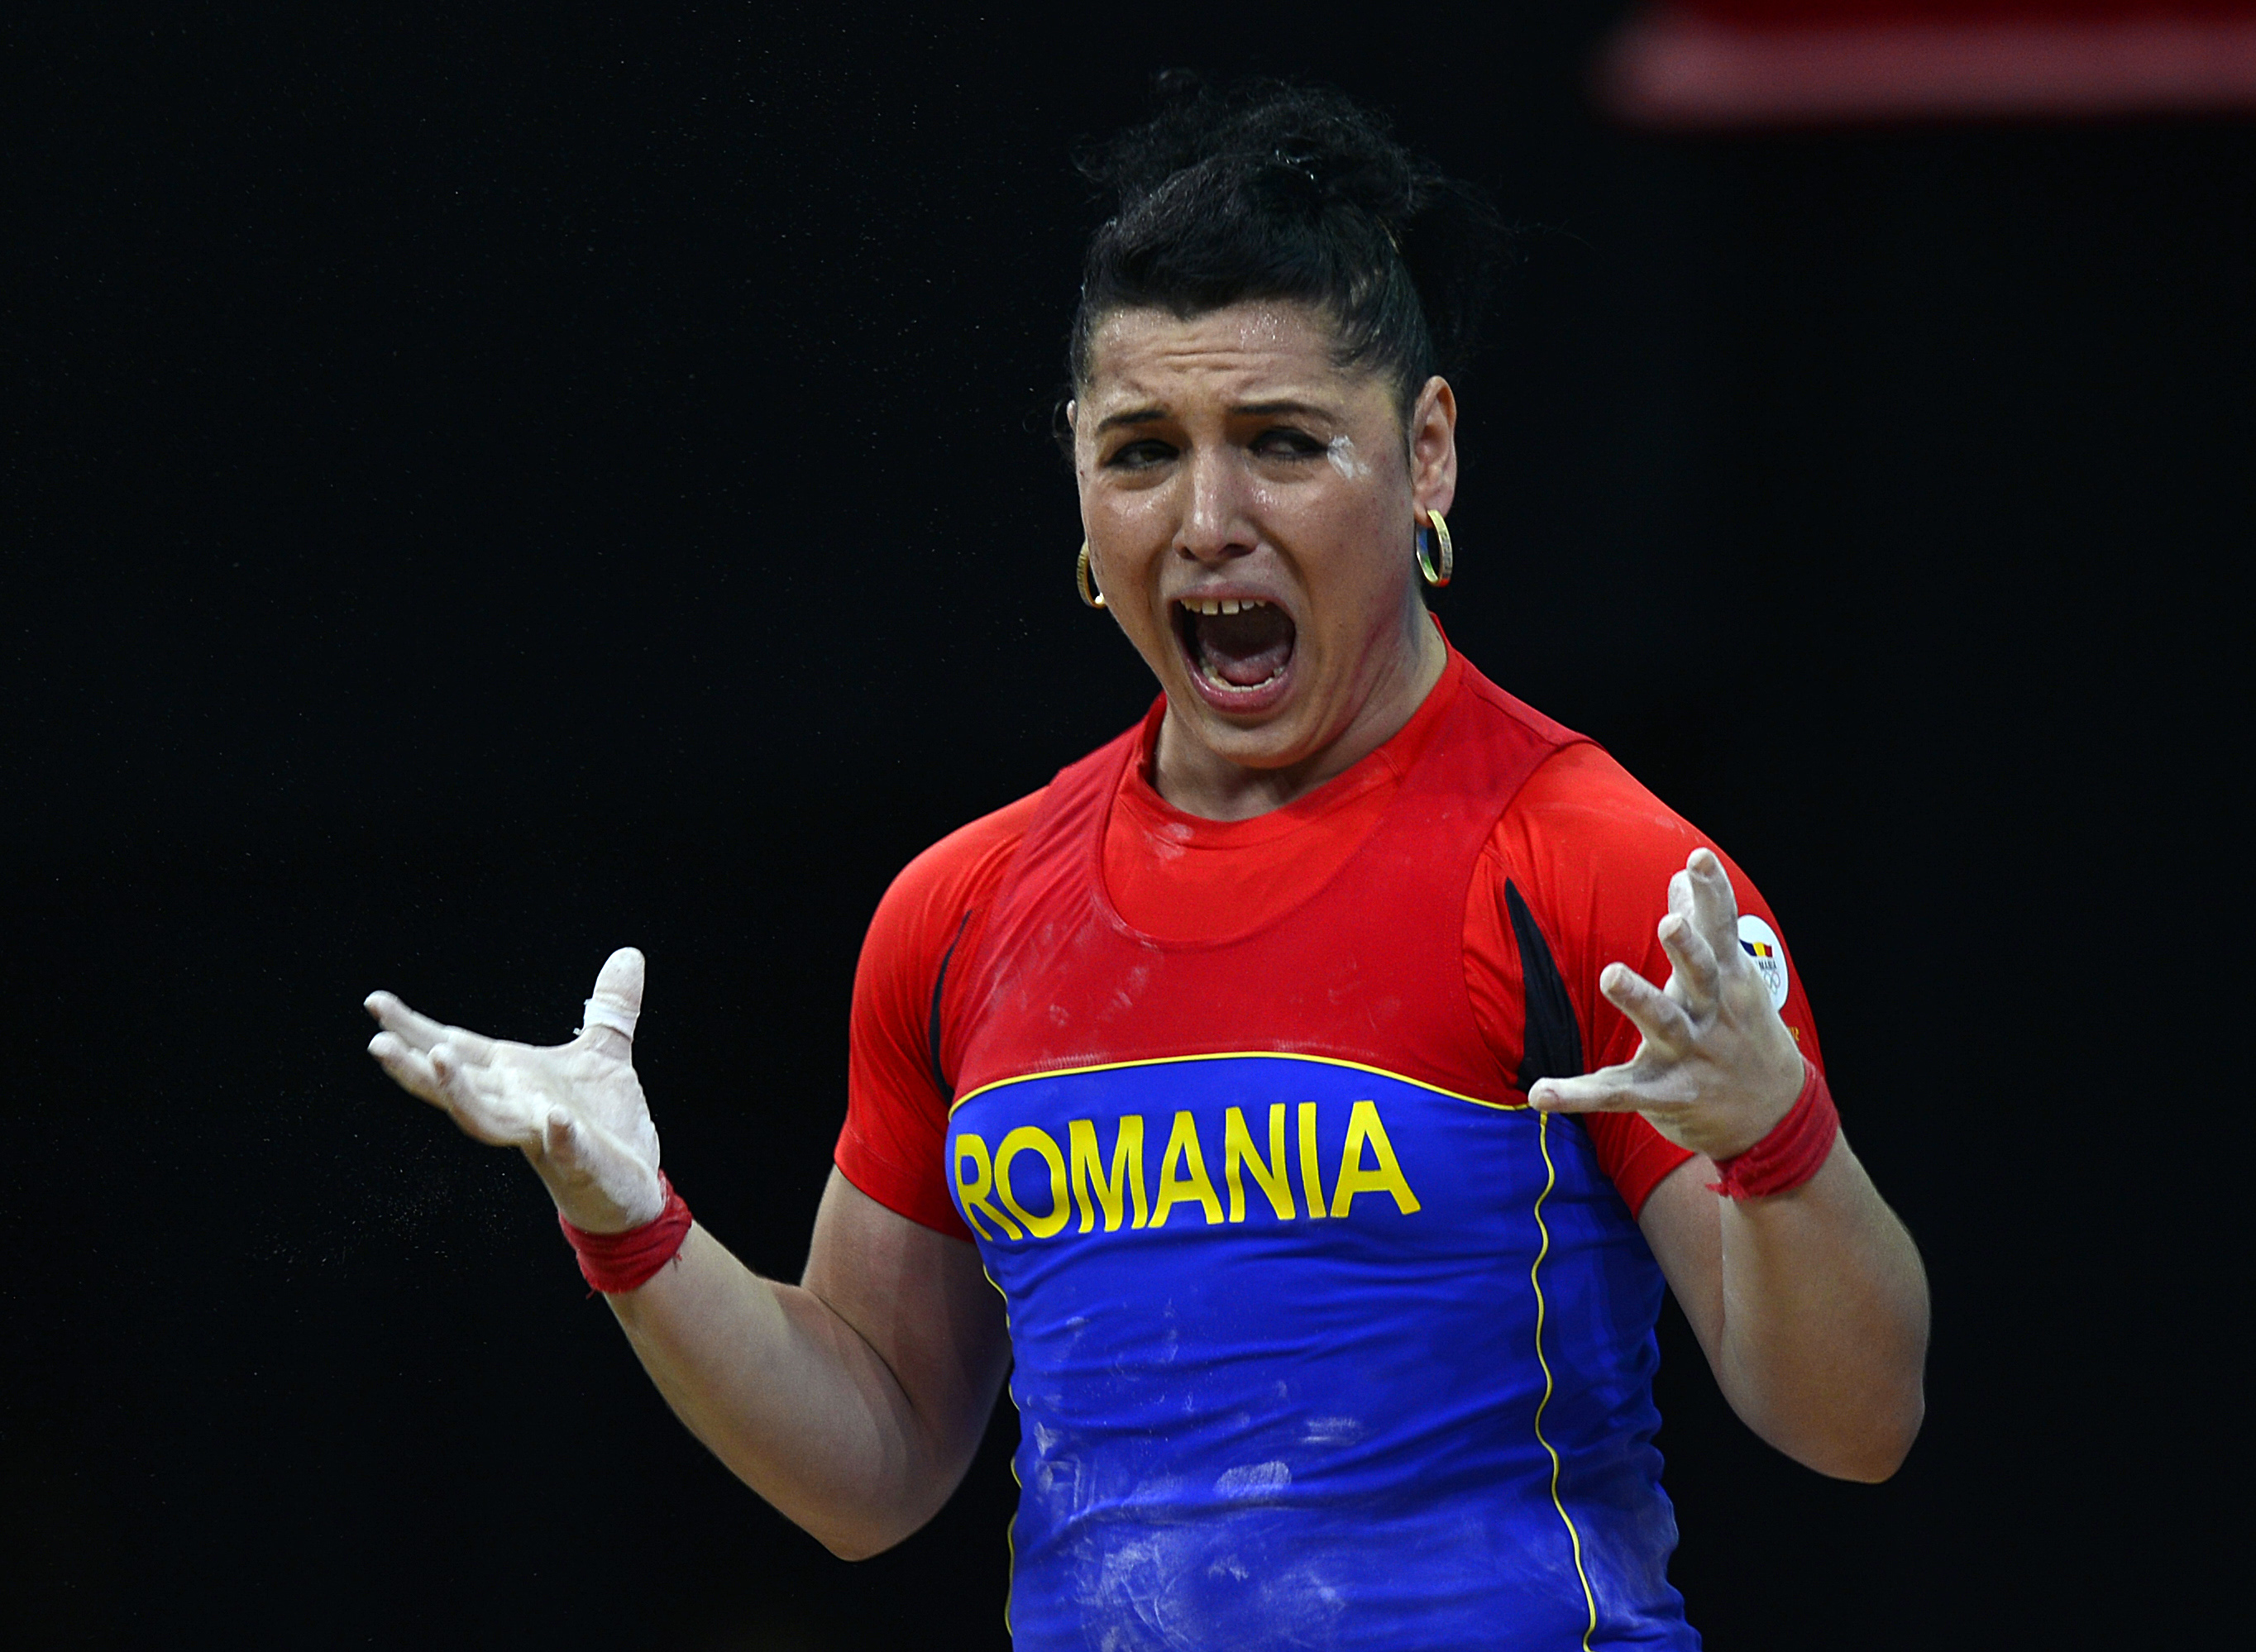 A londoni olimpia mindegyik román súlyemelőjének pozitív lett a doppingtesztje